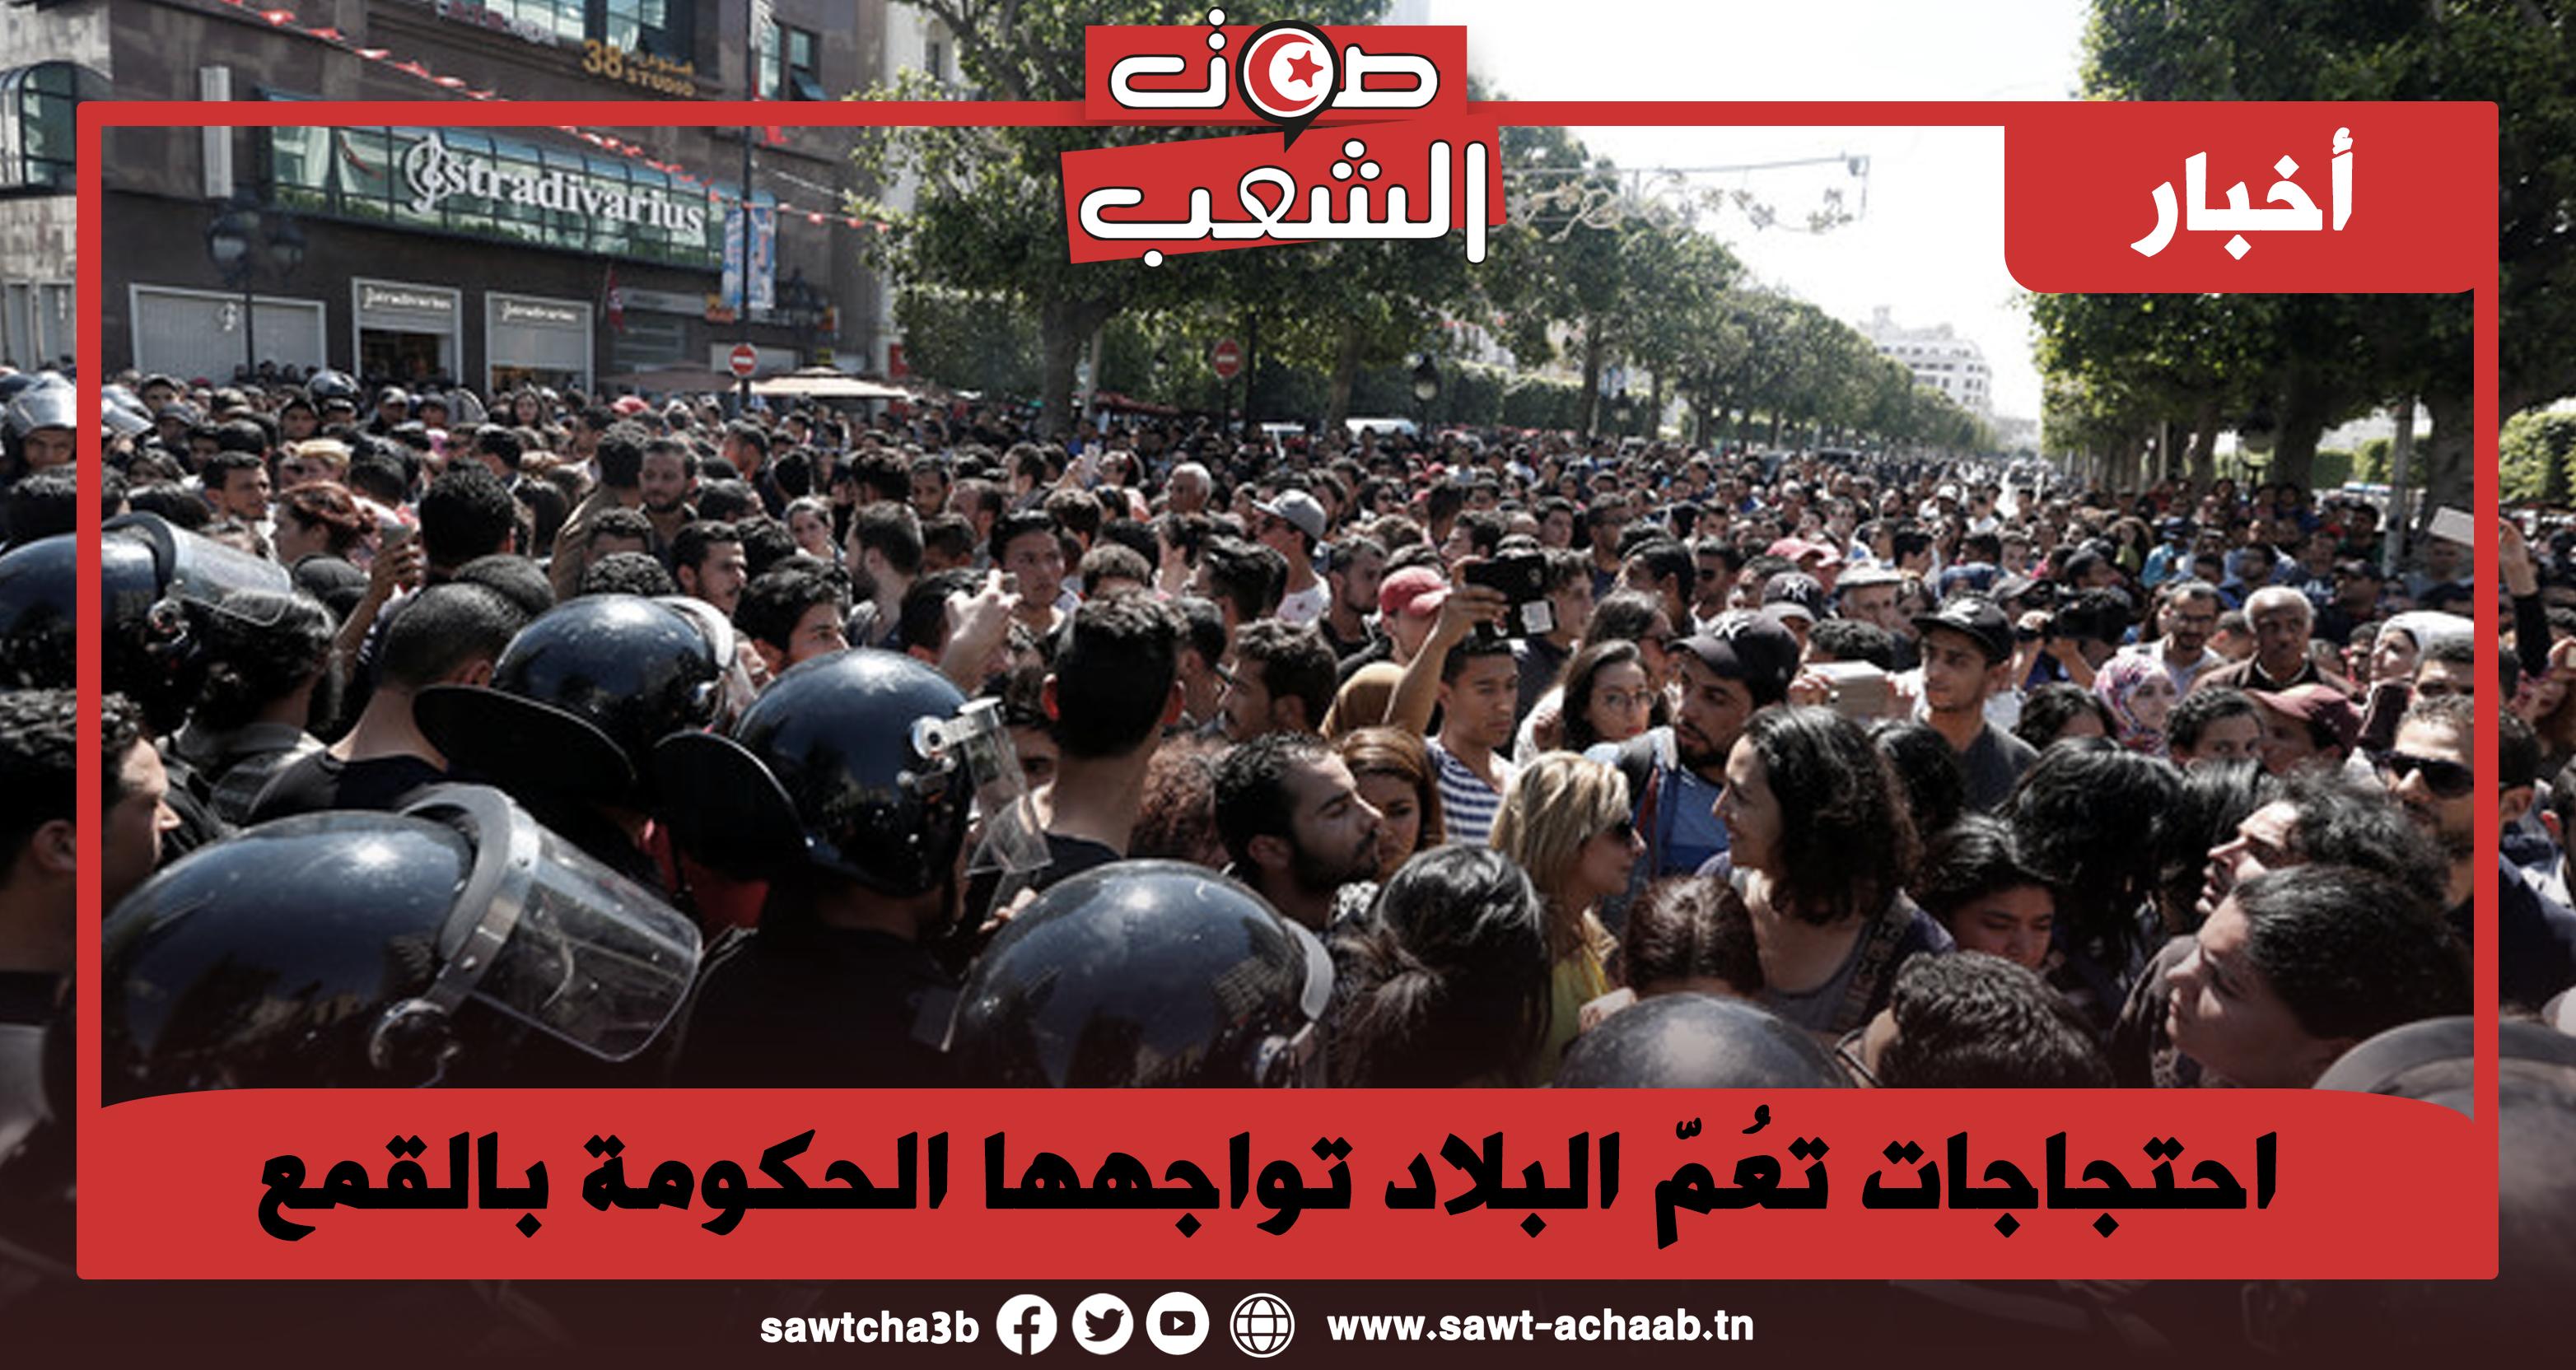 احتجاجات تعُمّ البلاد تواجهها الحكومة بالقمع